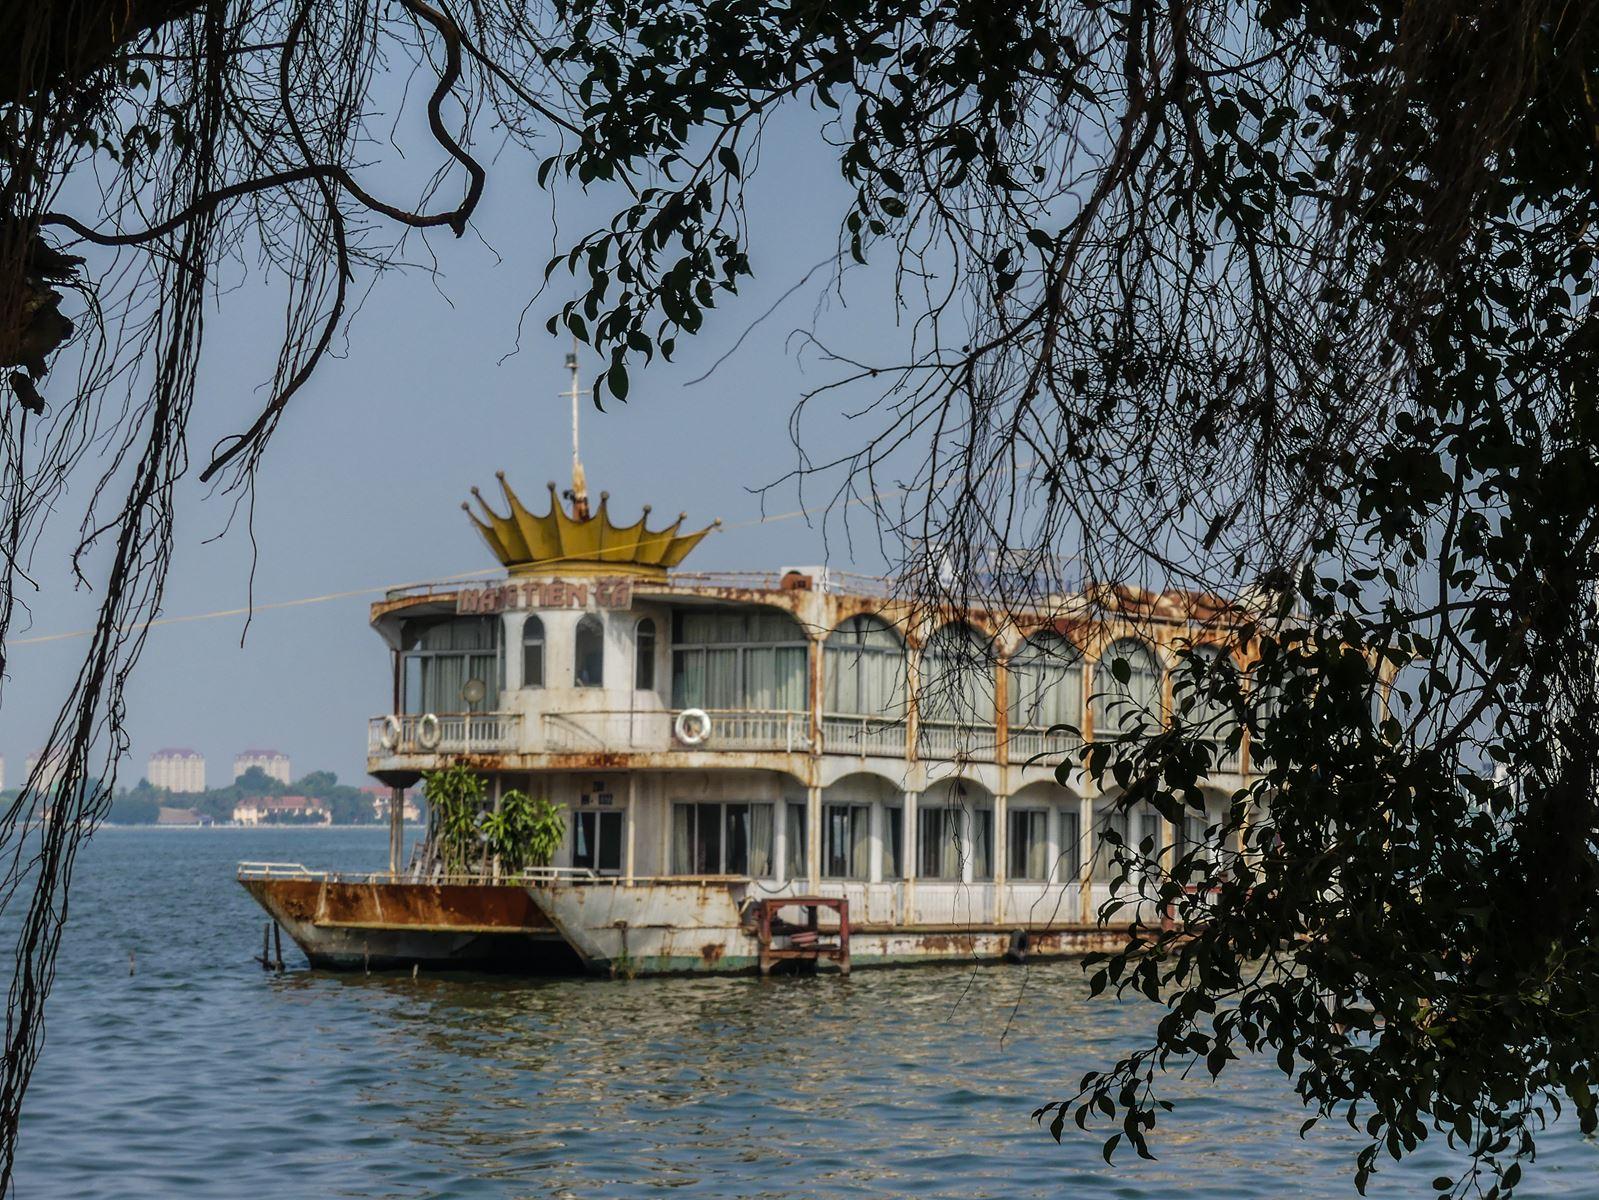 Claironyva - Bateau restaurant abandonné sur le Lac de l'Ouest à Hanoi - Vietnam